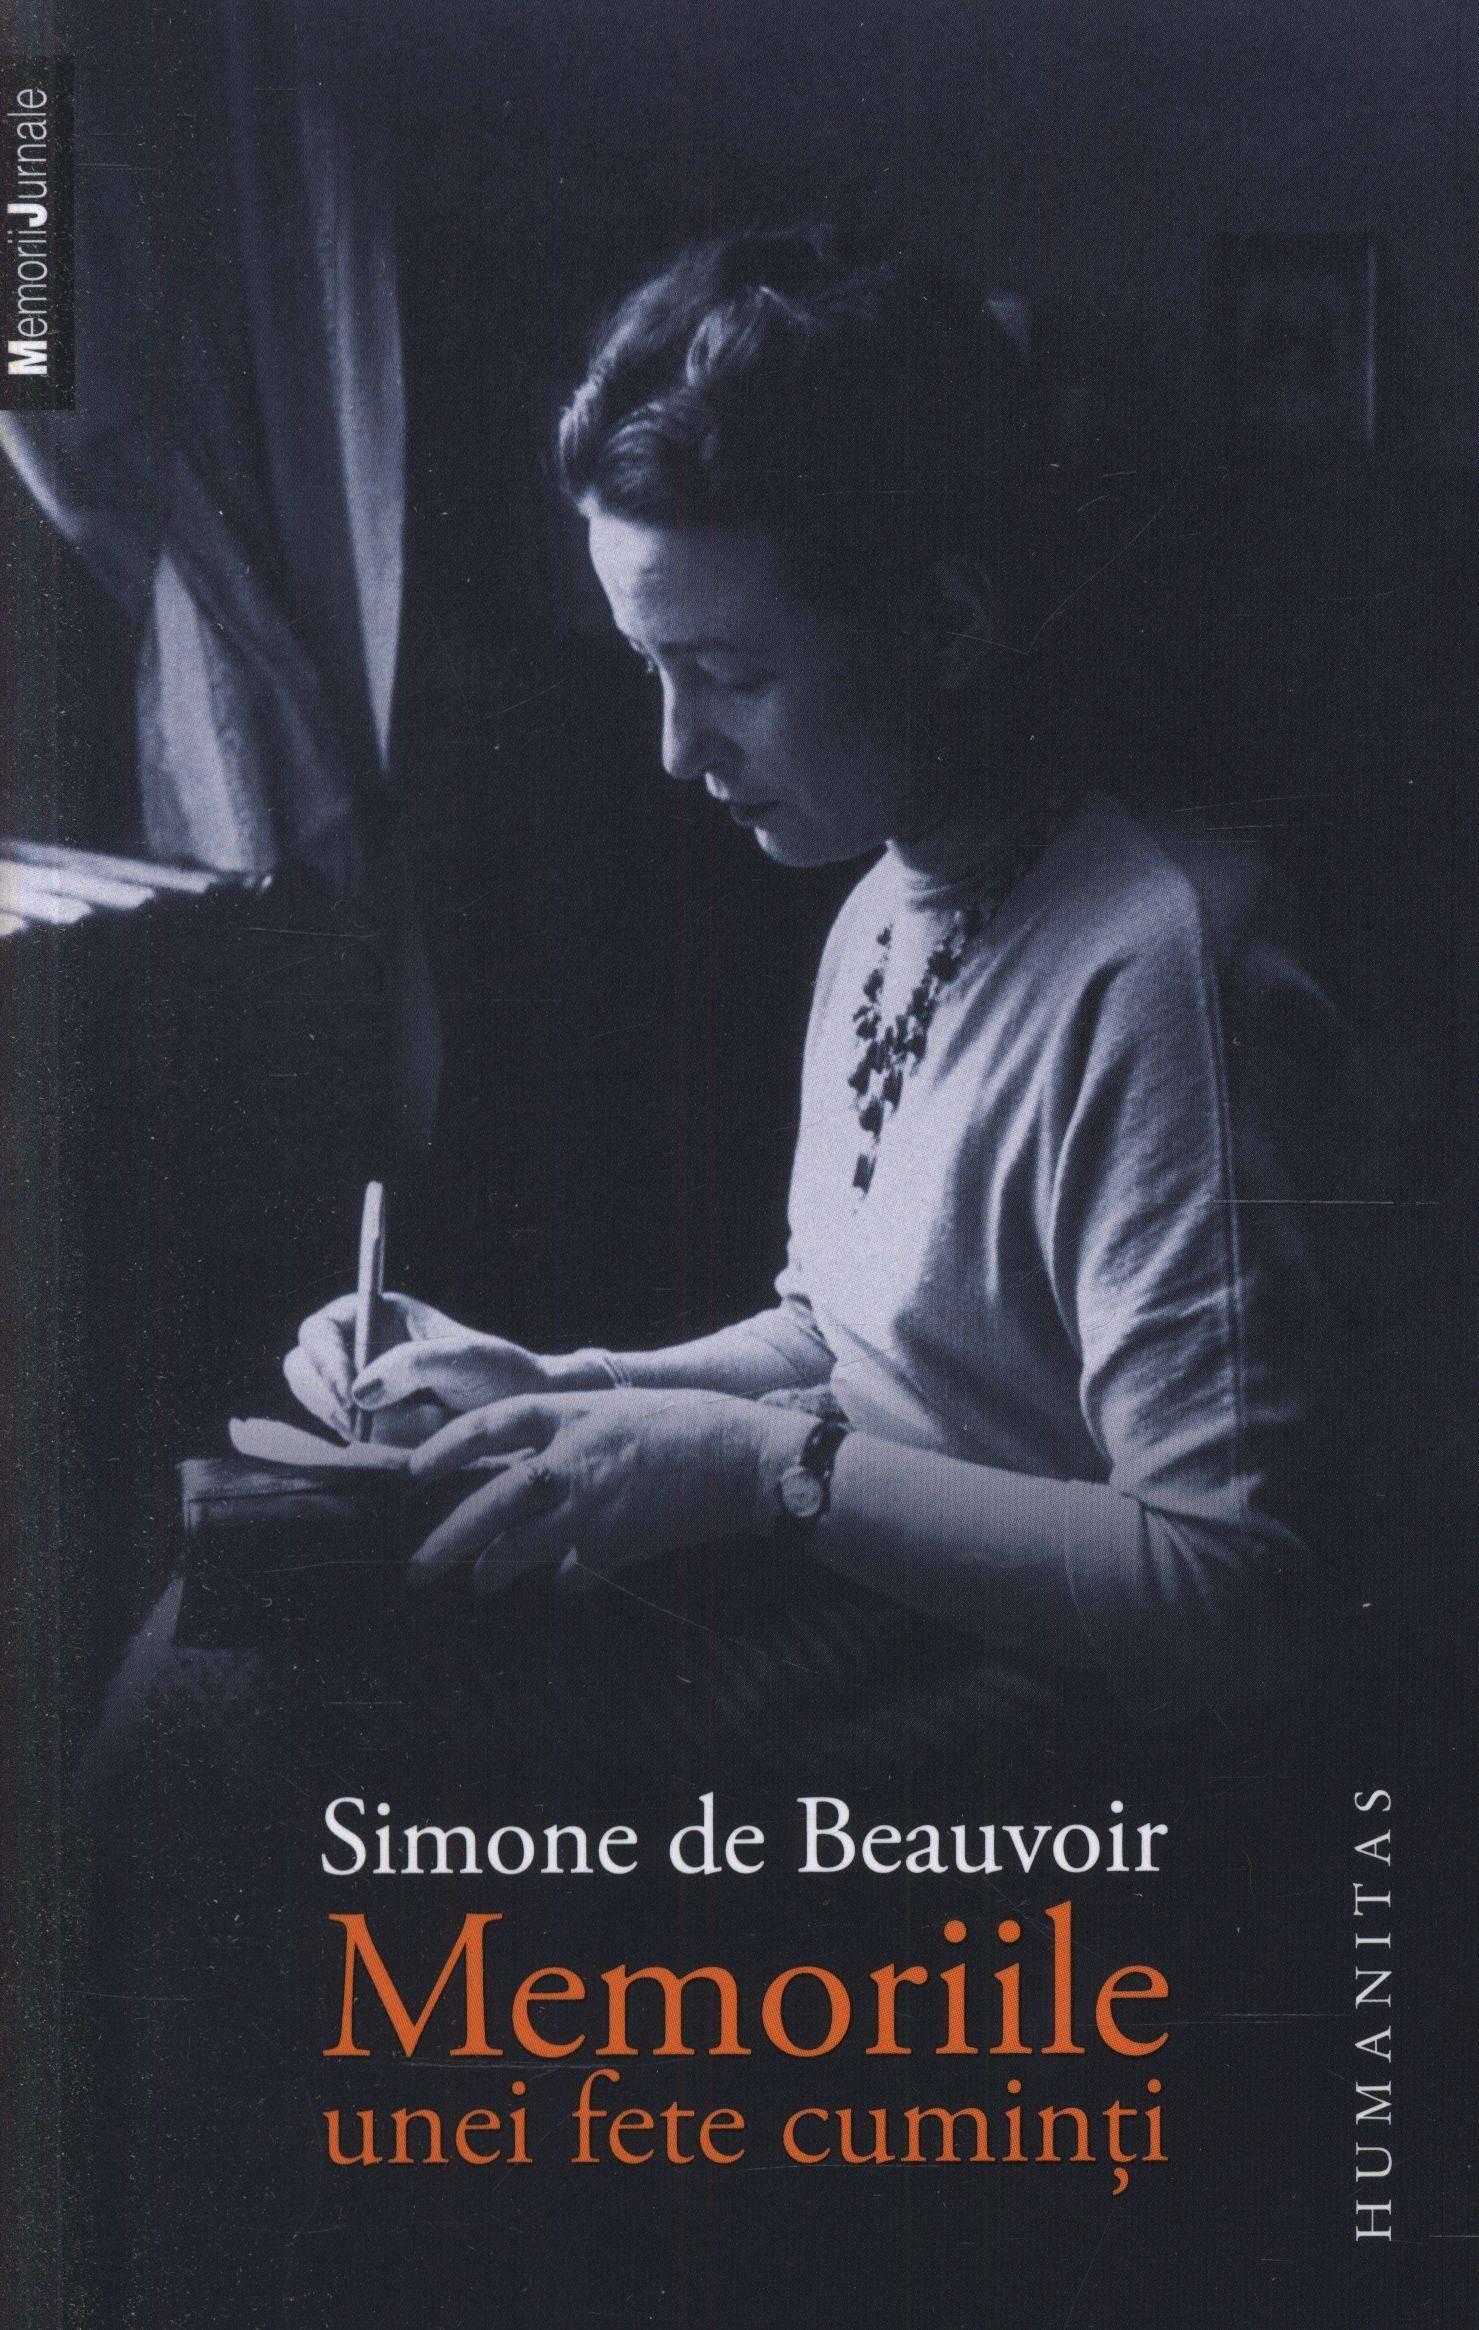 Simone de Beauvoir - Memoriile unei fete cuminti -